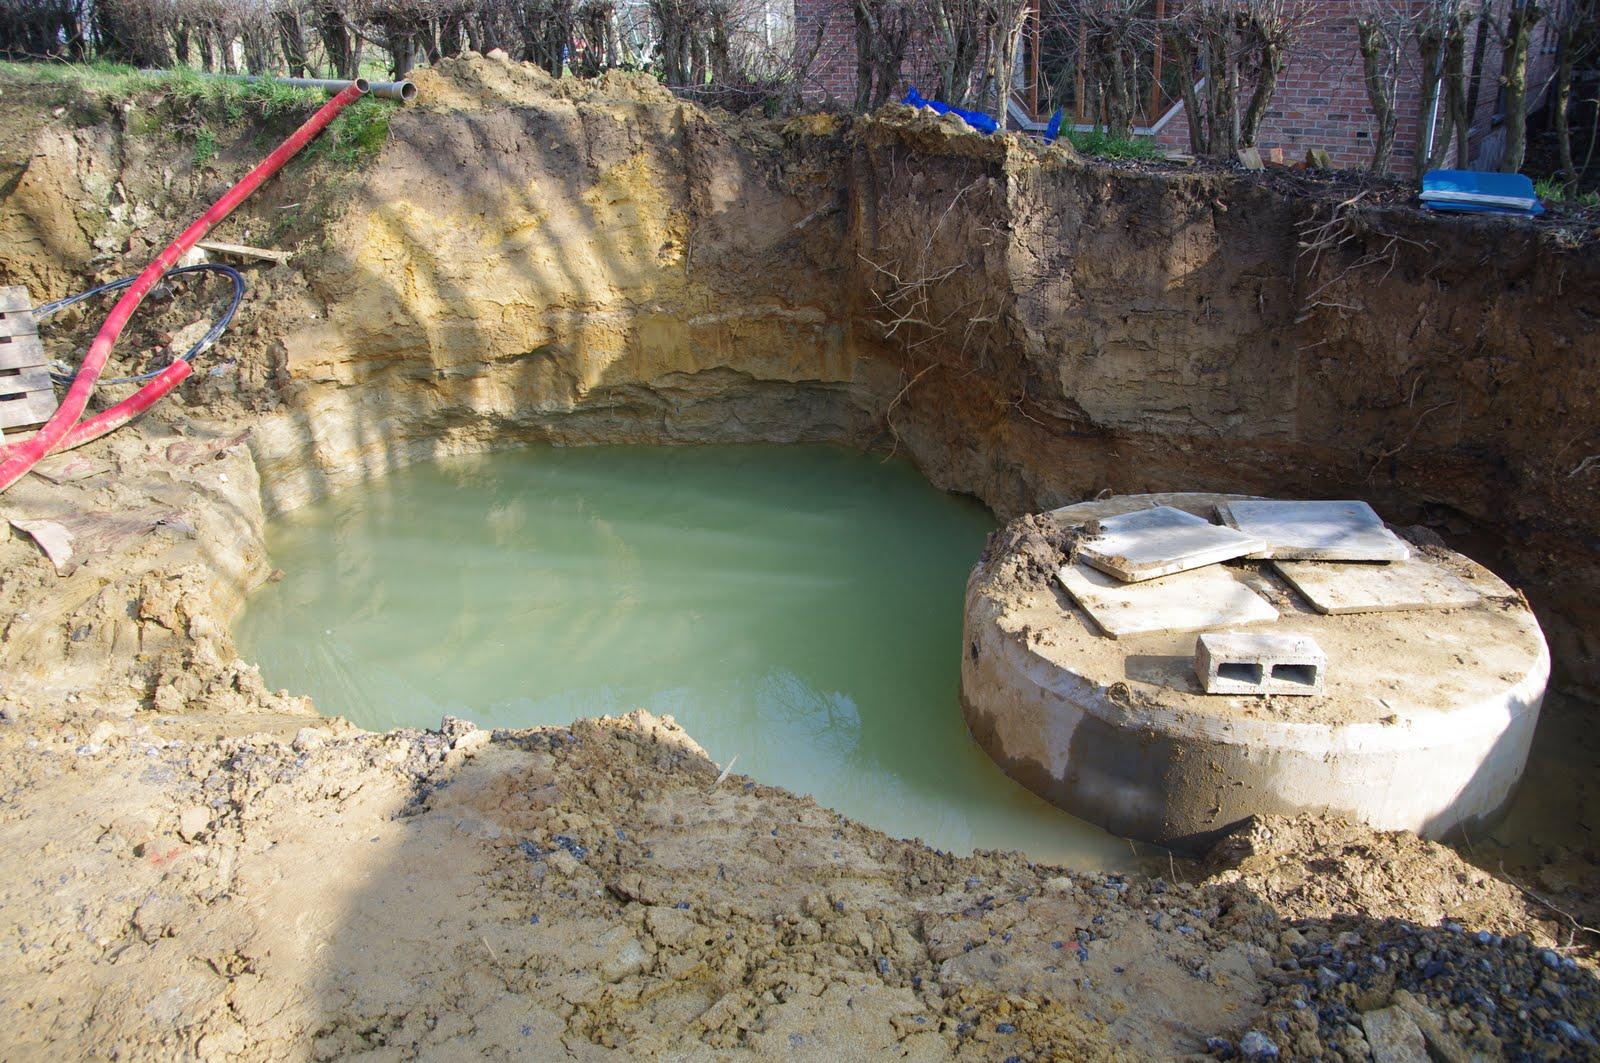 Maison nathalie et alban citerne eau de pluie flottante for Camion citerne eau remplissage piscine